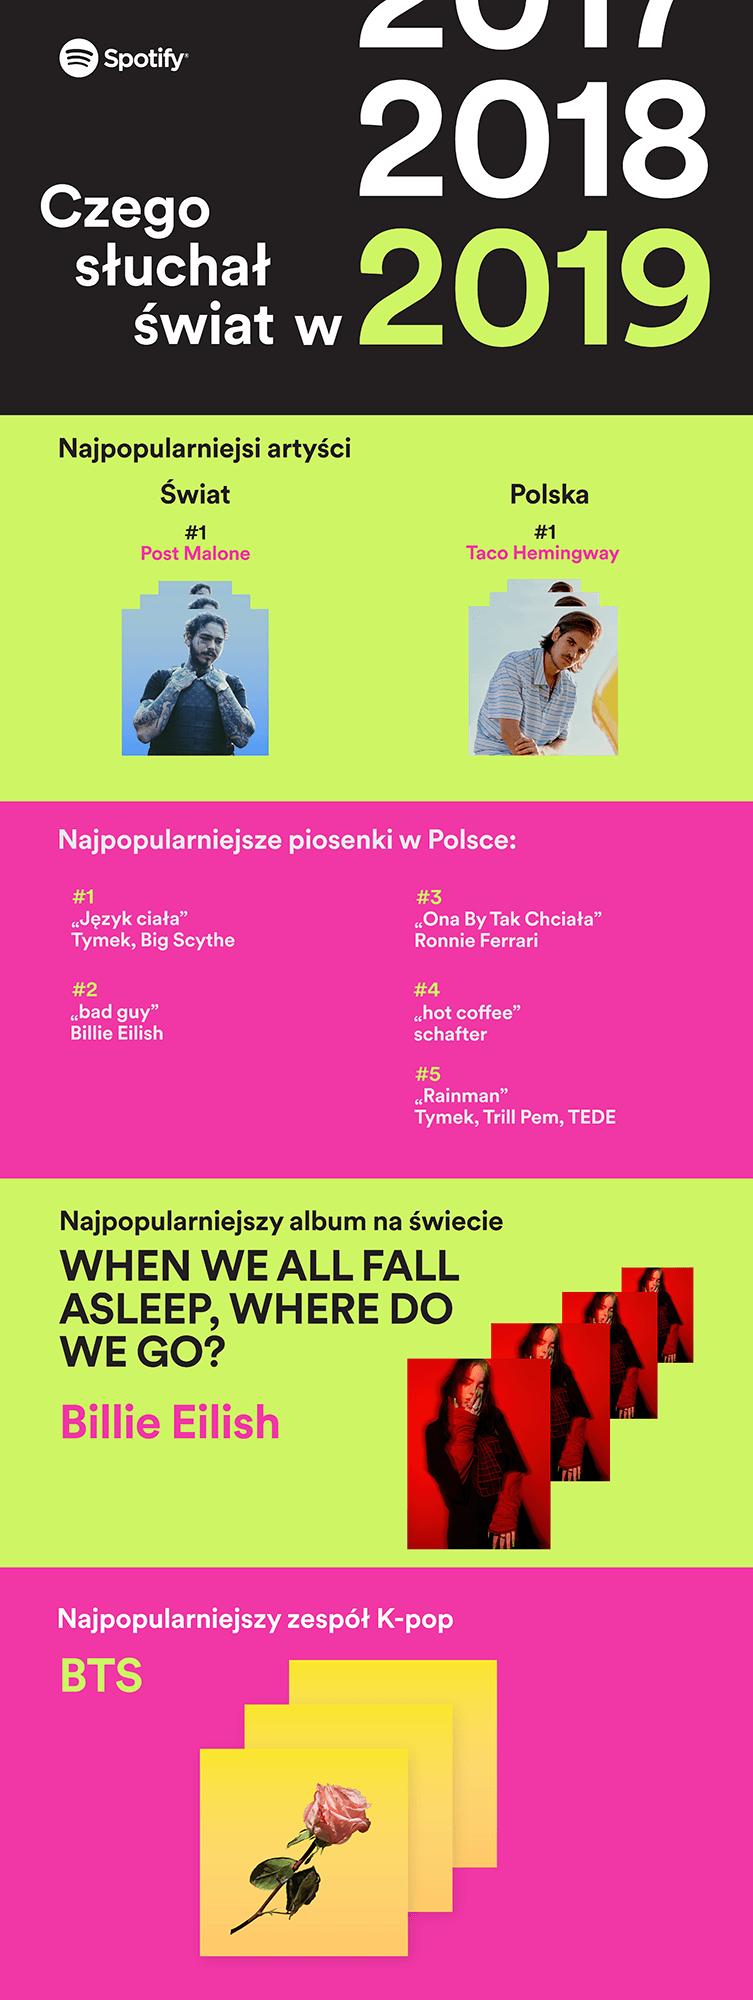 Infografika: Podsumowanie 2019 roku na Spotify (Polska i świat)